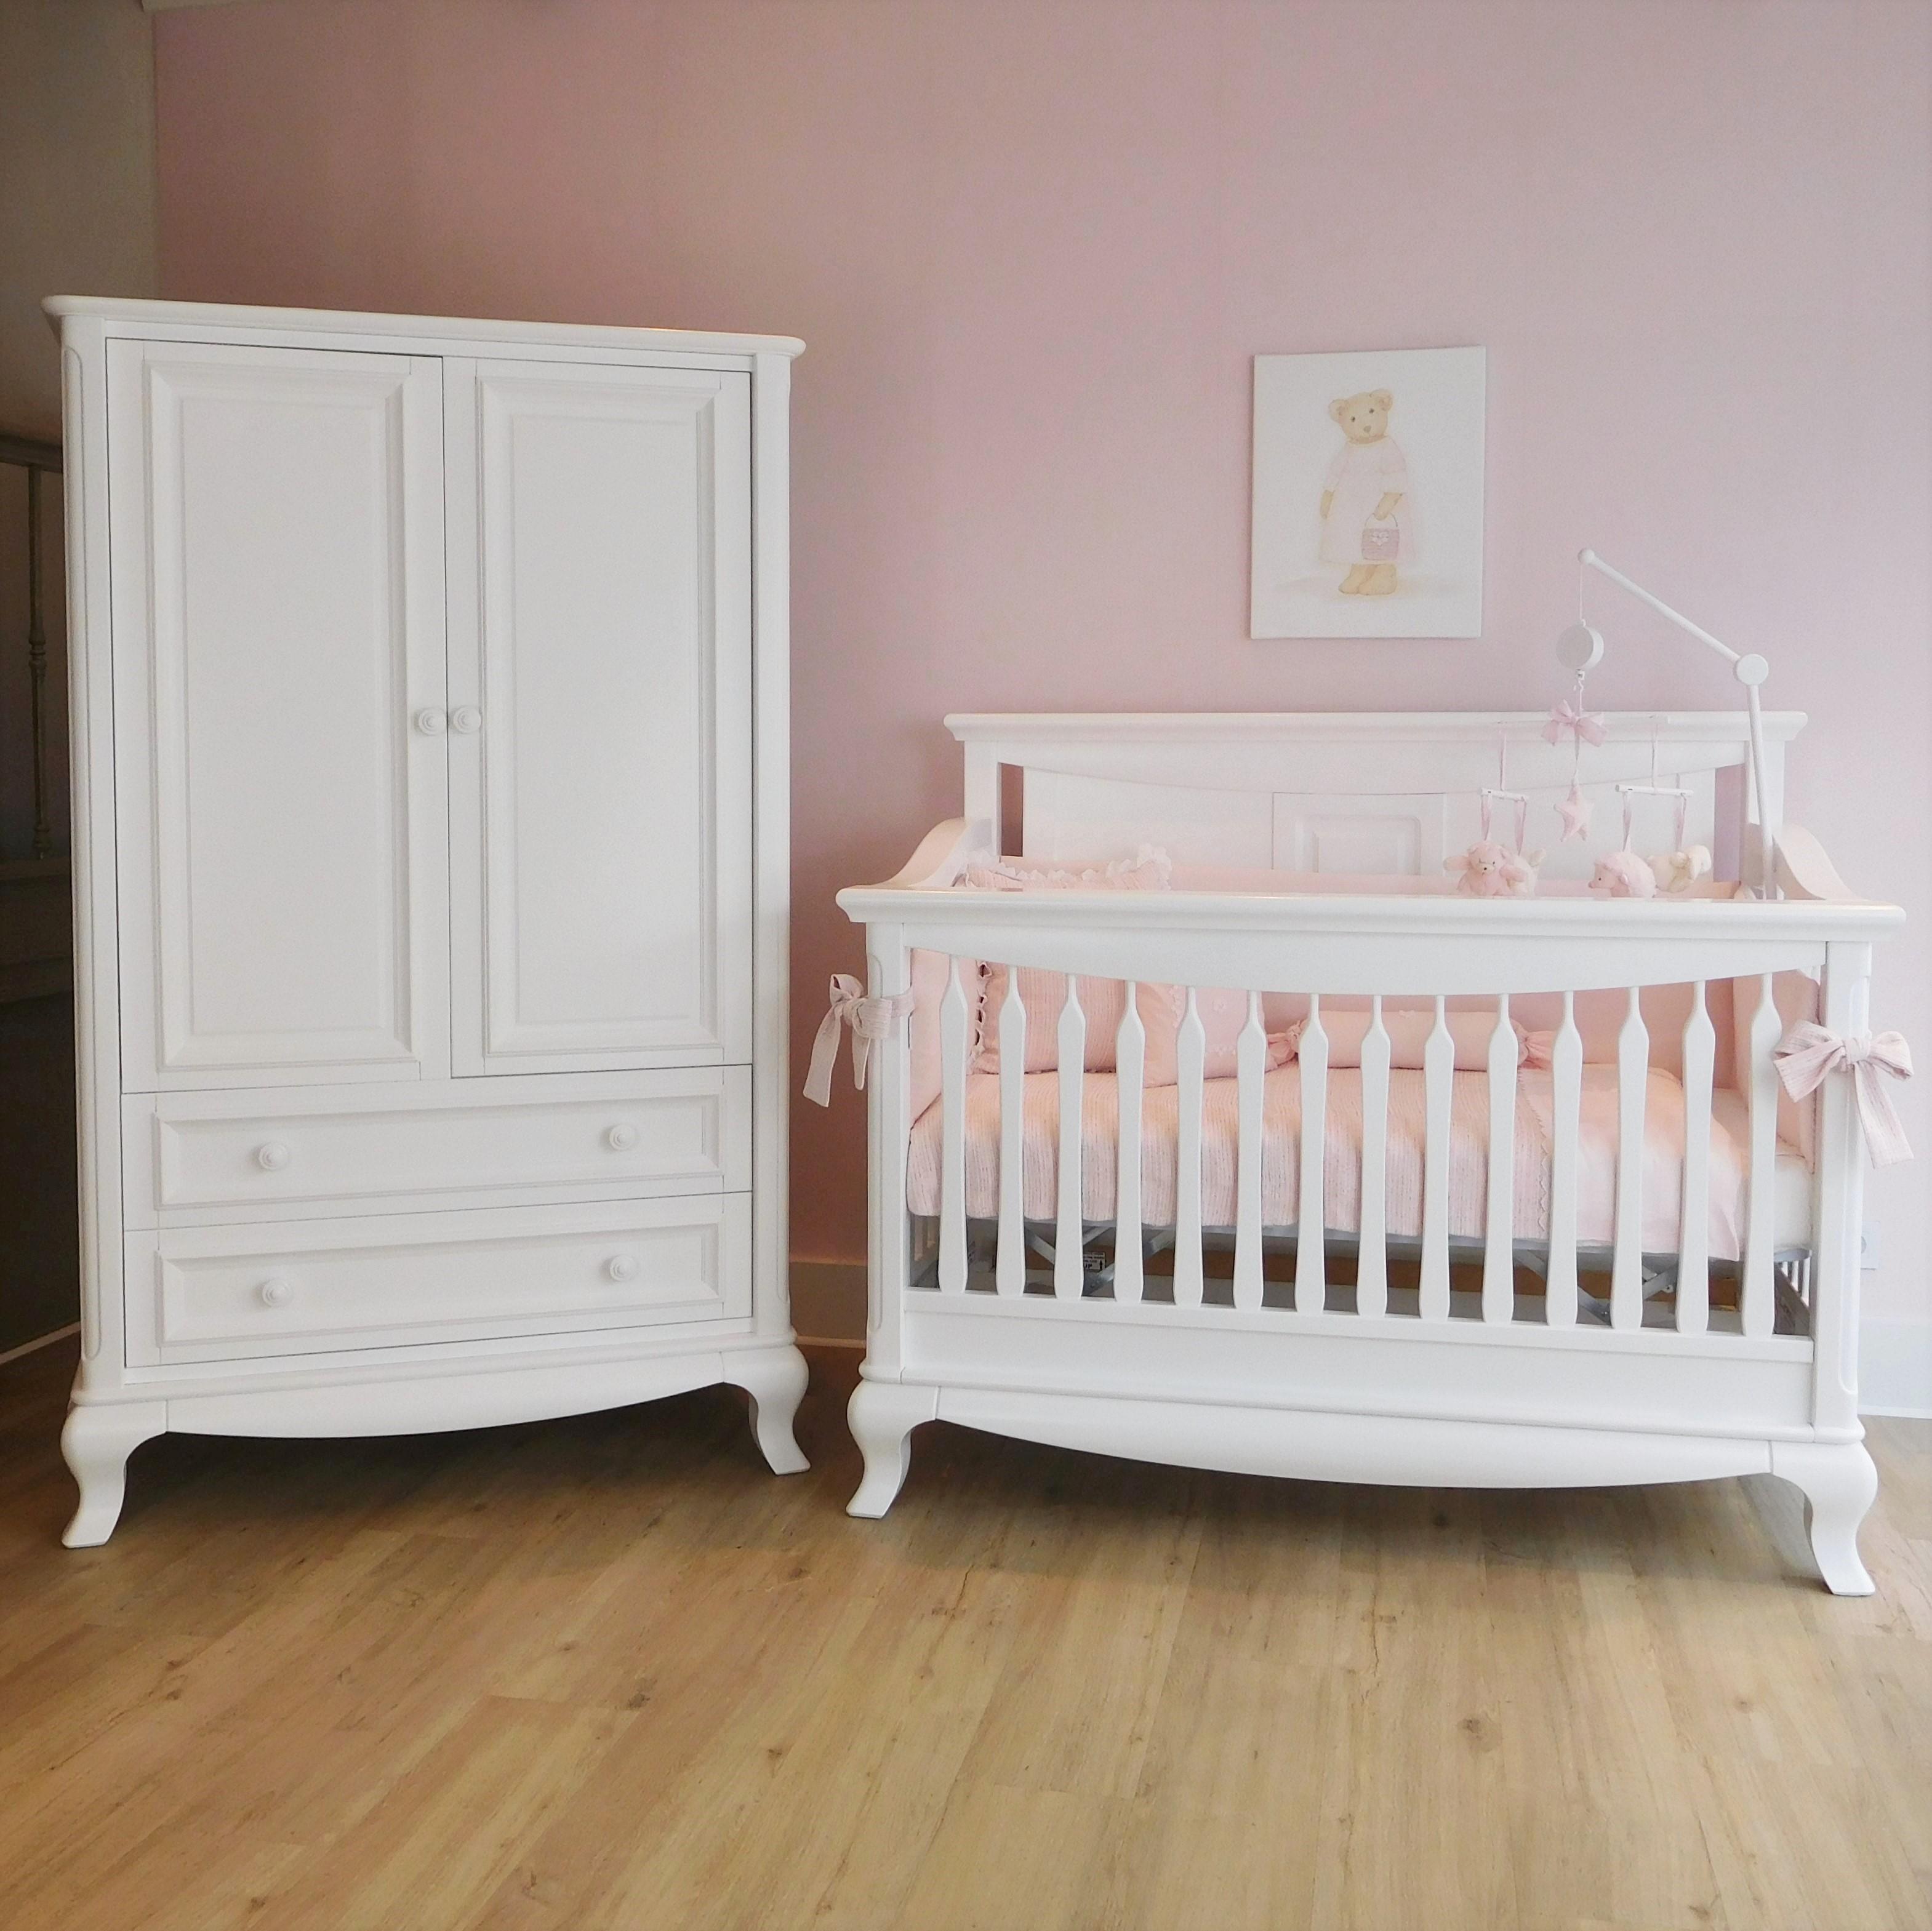 Romantische babykamer van Romina